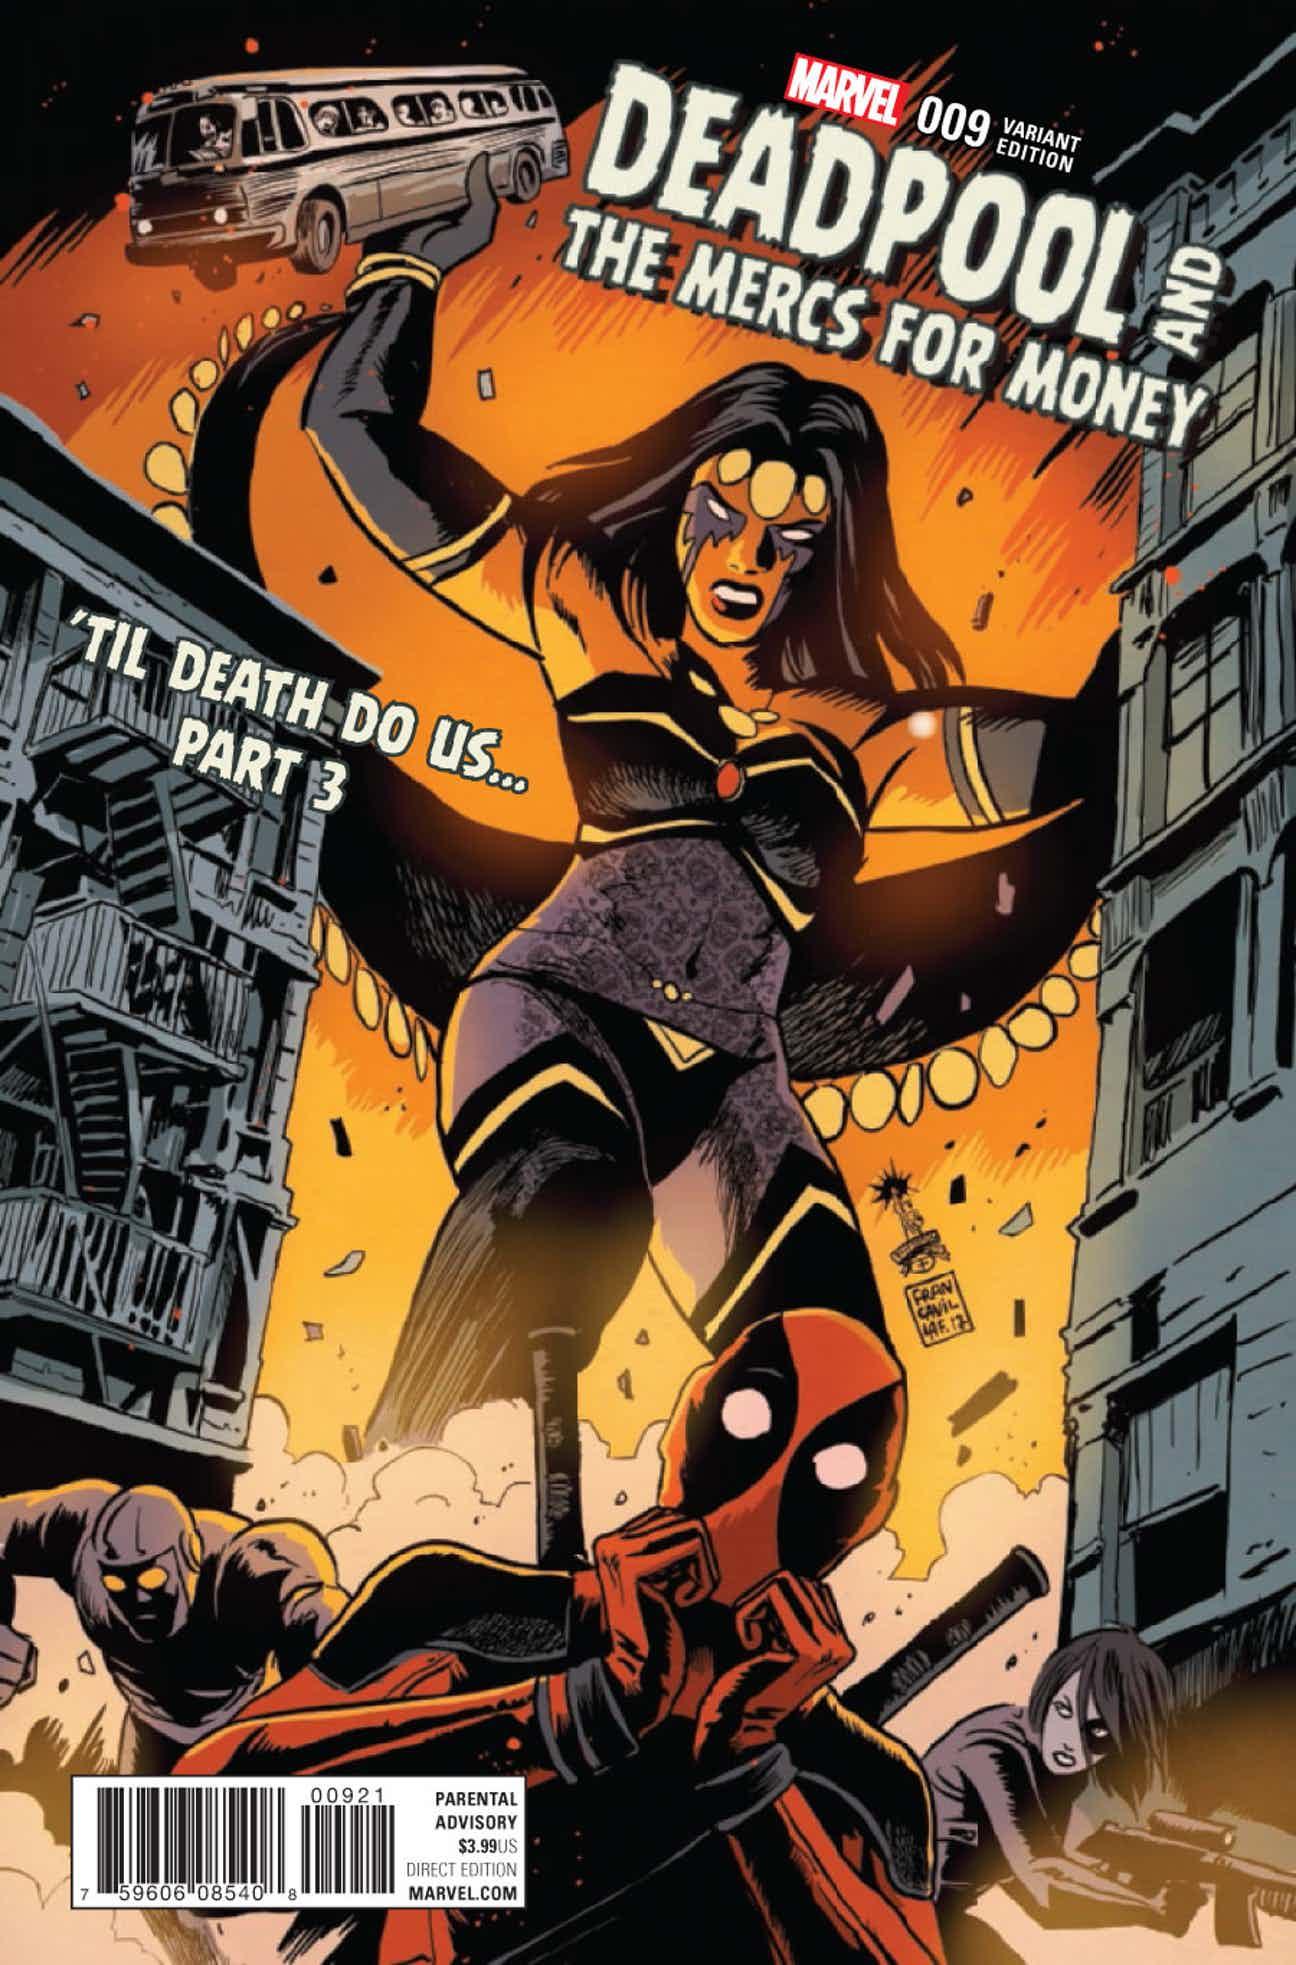 Deadpool & the Mercs for Money Vol 2 9 Poster Variant.jpg